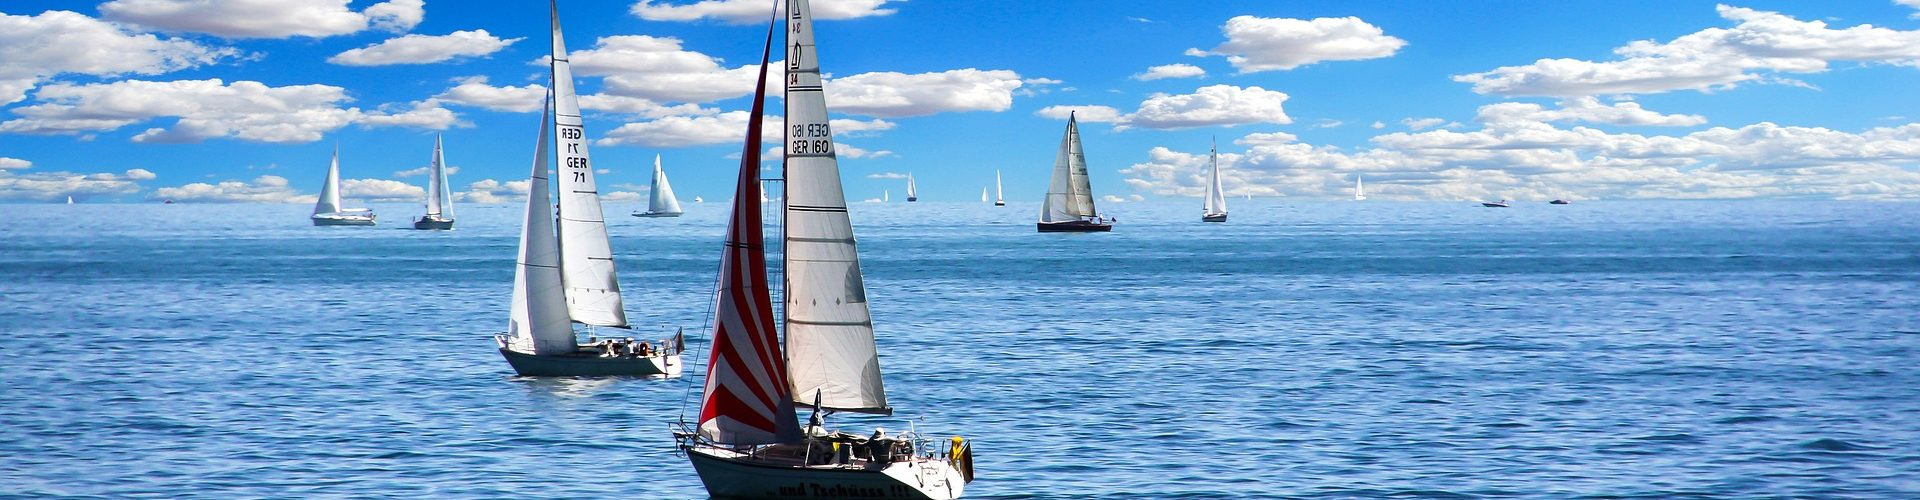 segeln lernen in Hohen Neuendorf segelschein machen in Hohen Neuendorf 1920x500 - Segeln lernen in Hohen Neuendorf